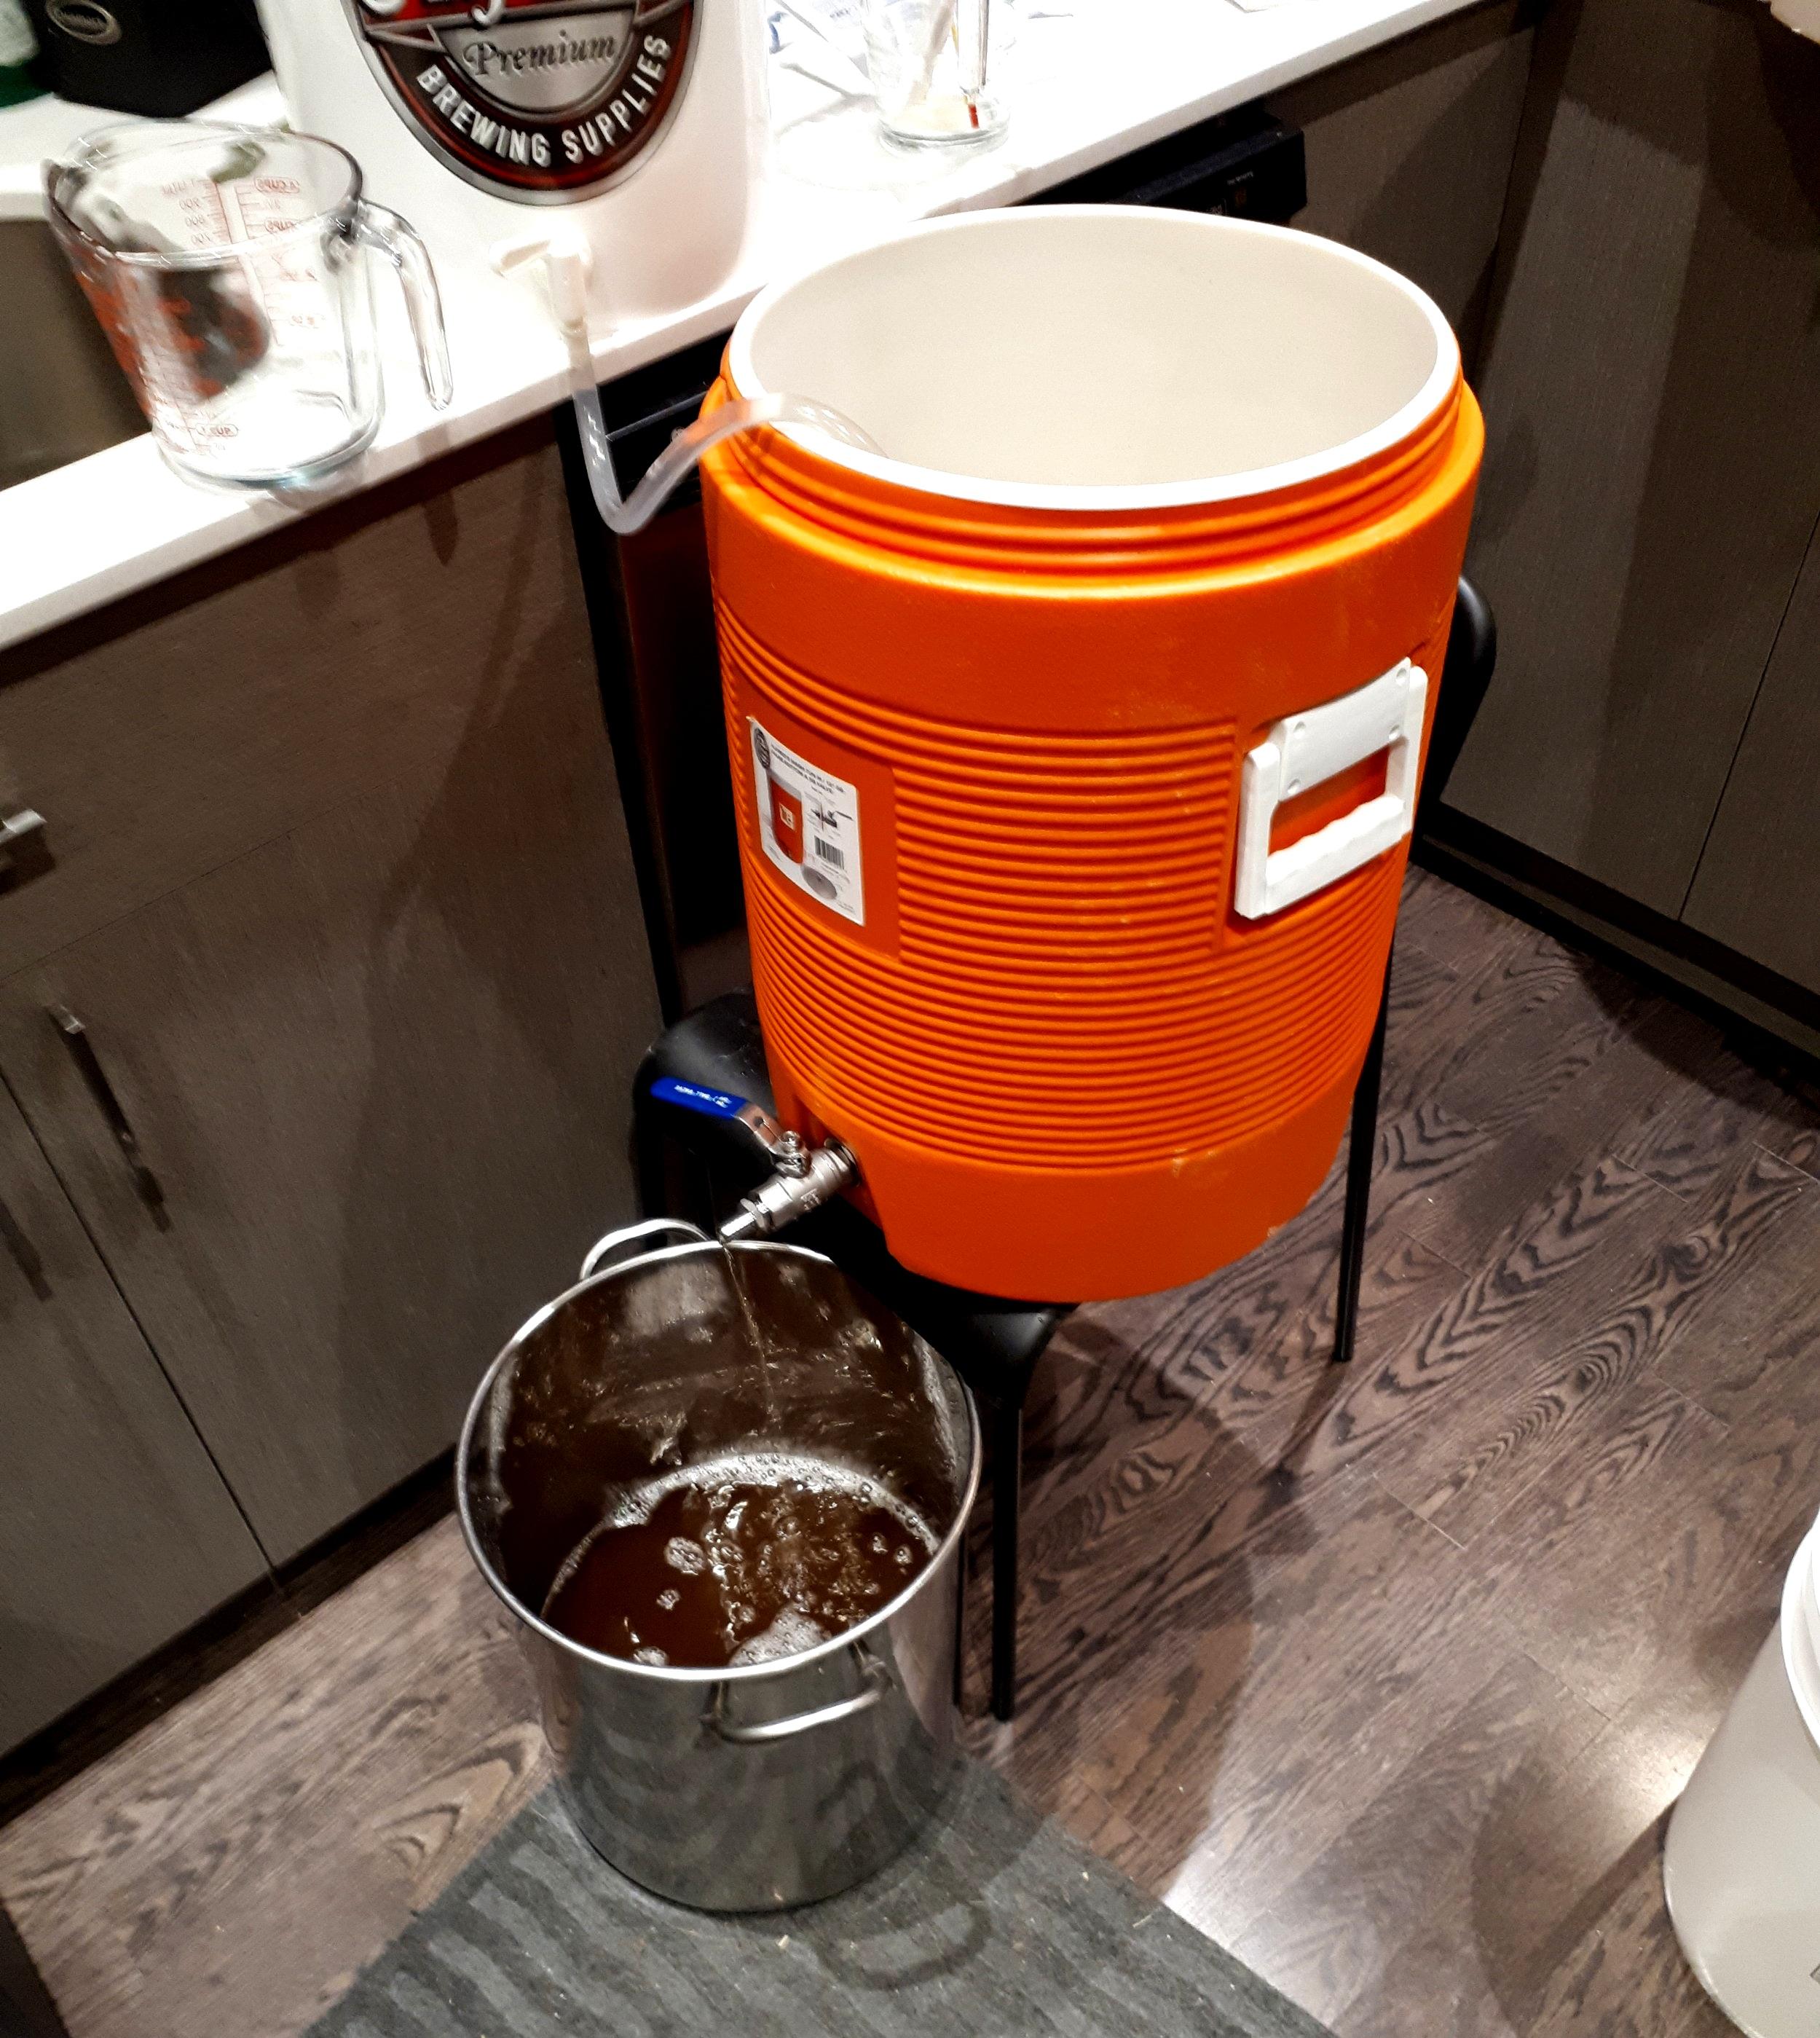 Evde bira yaparken temizliğe ve oksijen temasına dikkat